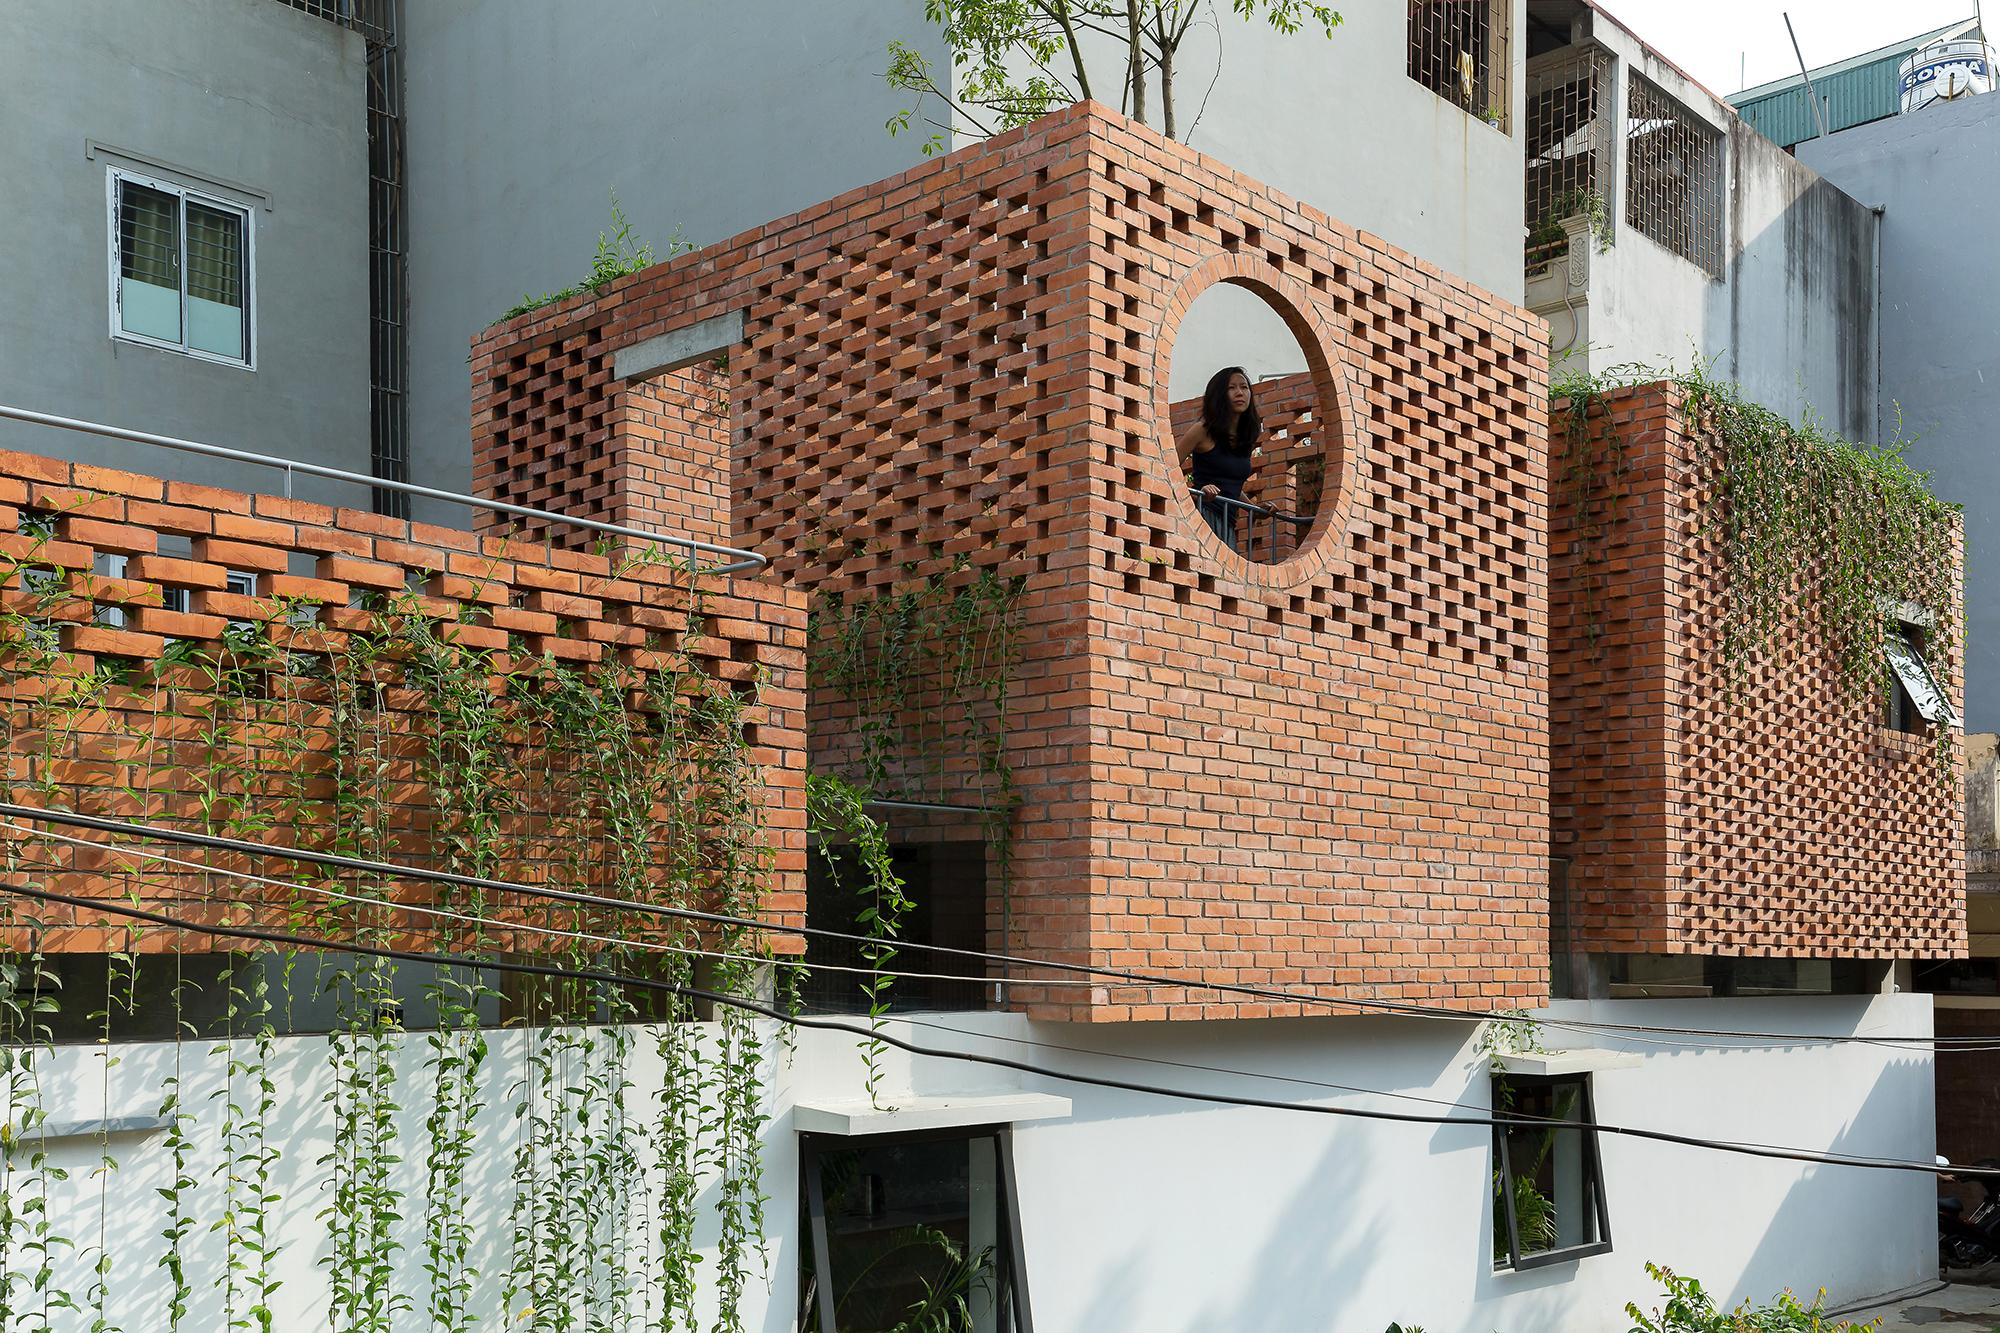 00 VH house_exterior_a03_sharper